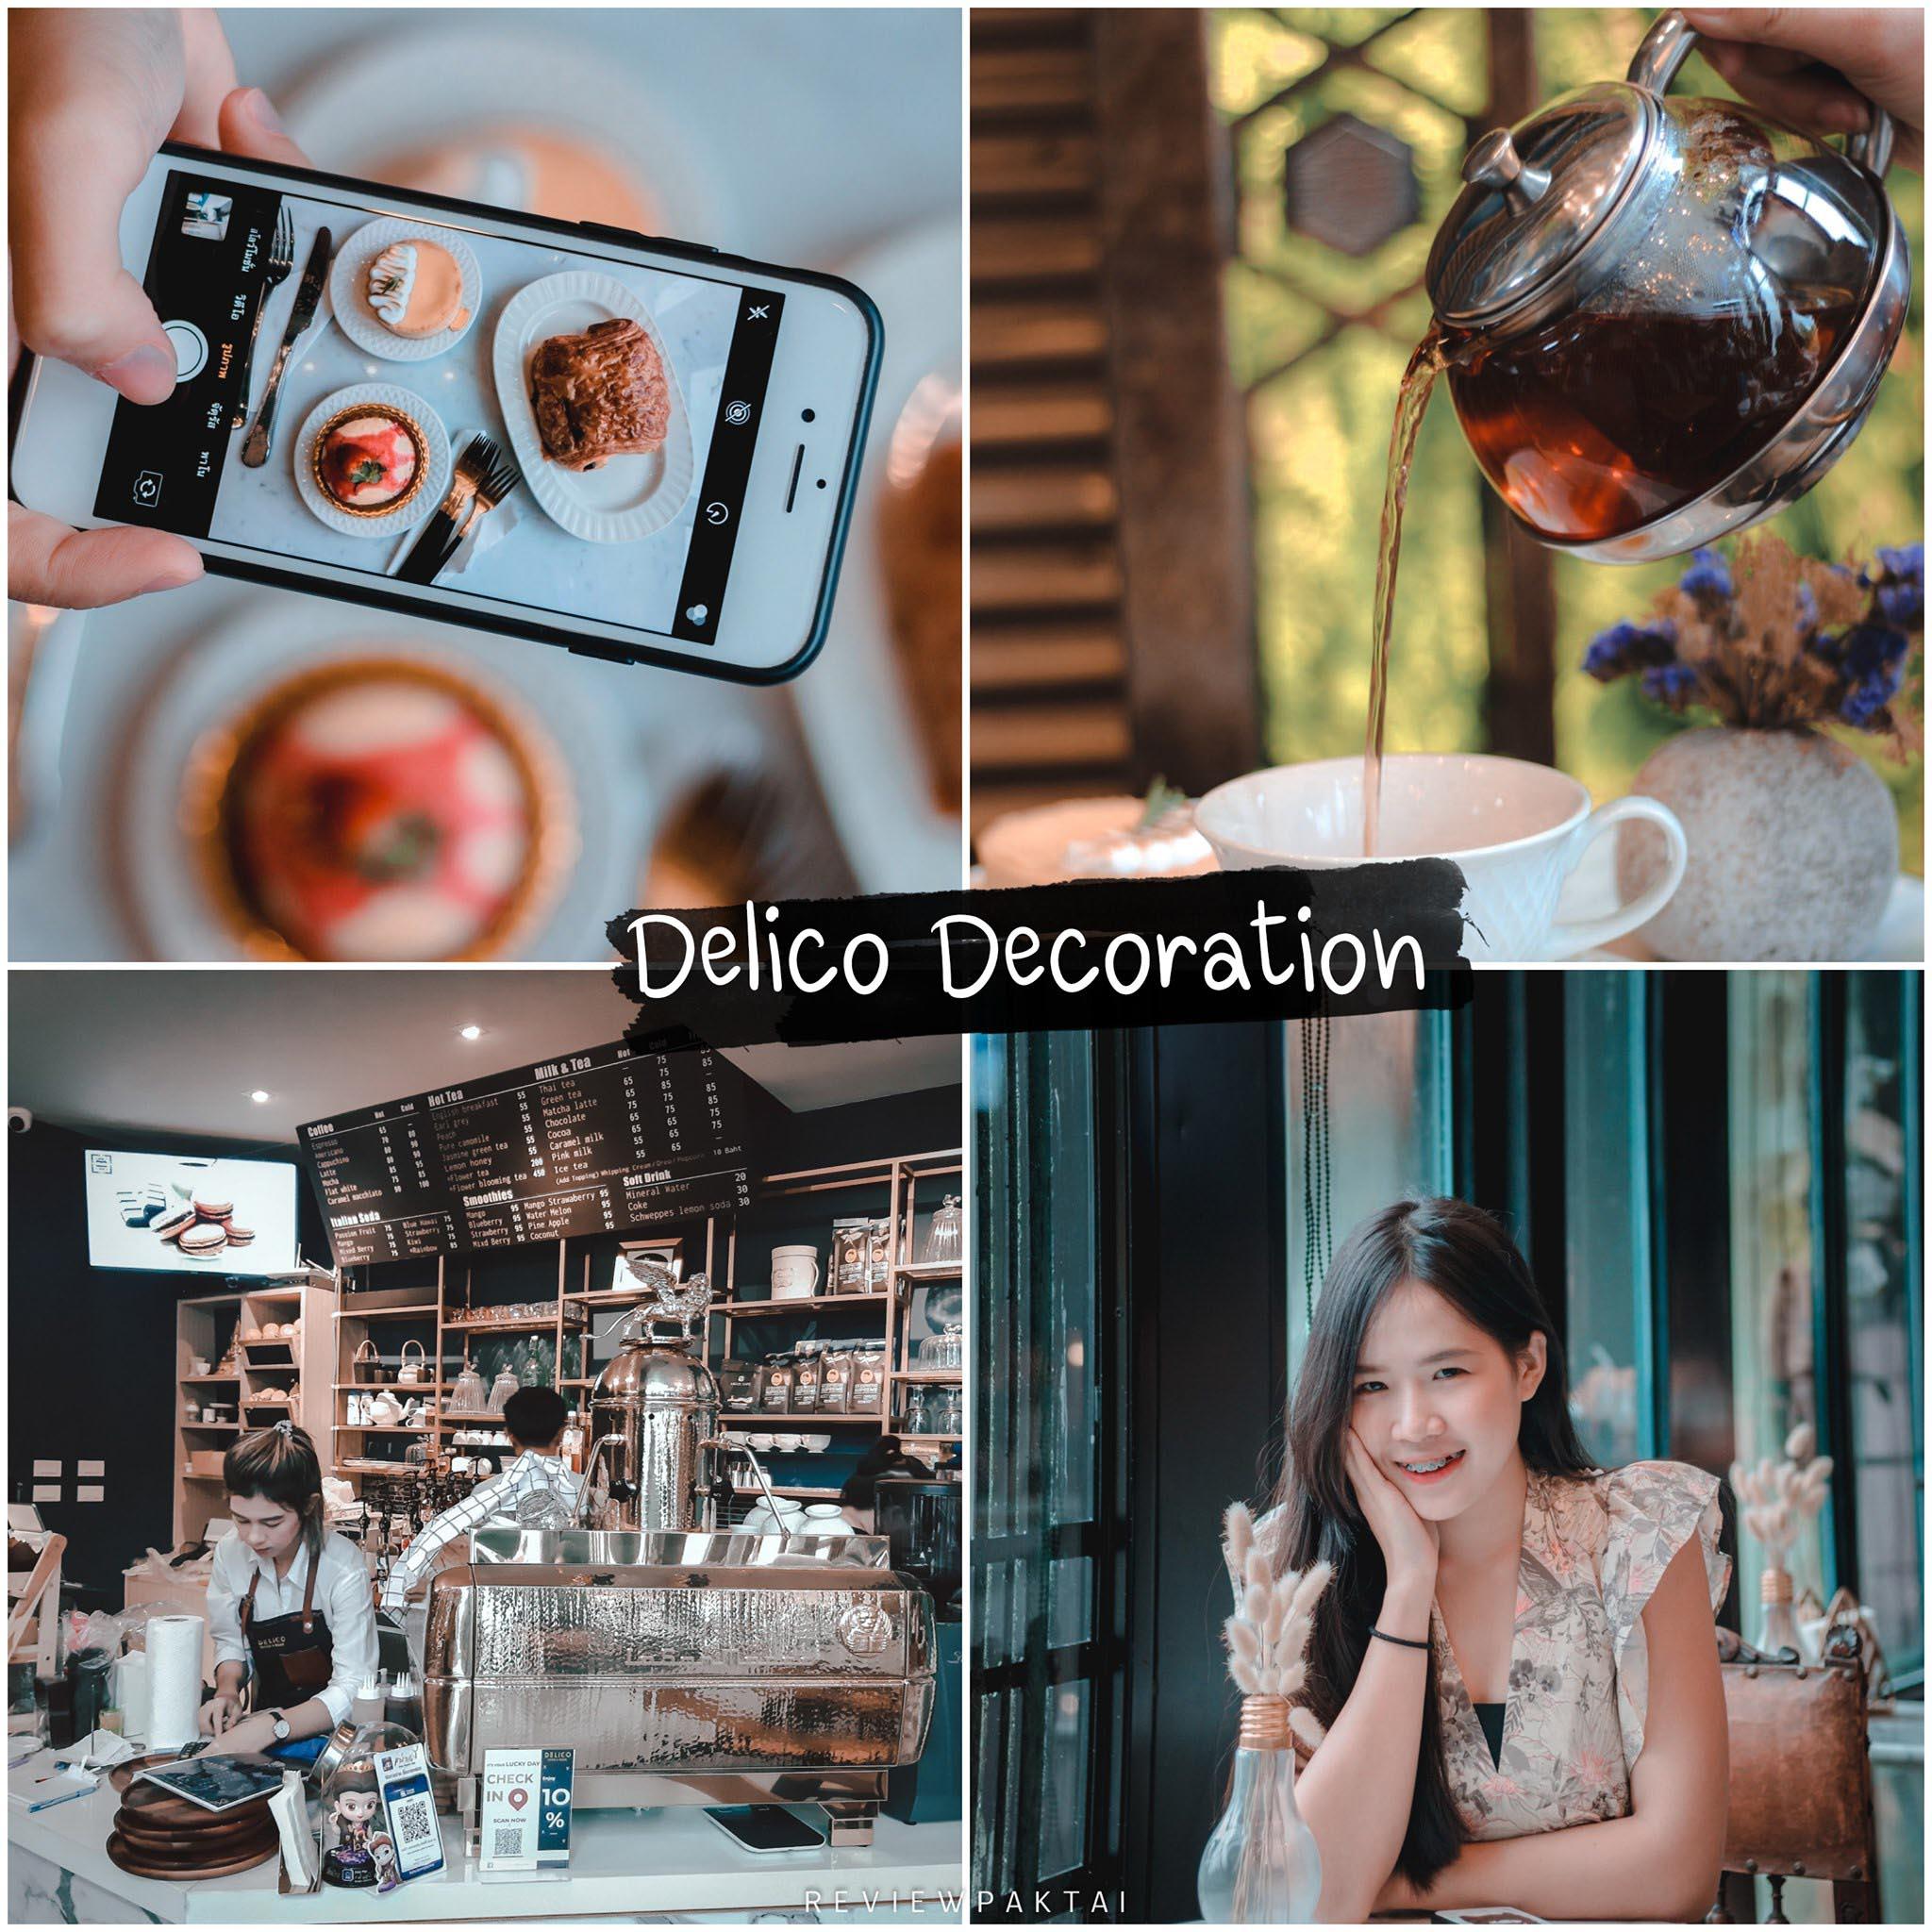 ร้าน-Delico-decoration-coffee-and-dessert-คาเฟ่-เบเกอรี่-ตกแต่งสไตล์ยุโรป-มุมถ่ายรูปเยอะไปปักหมุดเช็คอินกัน คลิกที่นี่ ภูเก็ต,คาเฟ่,ที่เที่ยว,ร้านกาแฟ,เด็ด,อร่อย,ต้องลอง